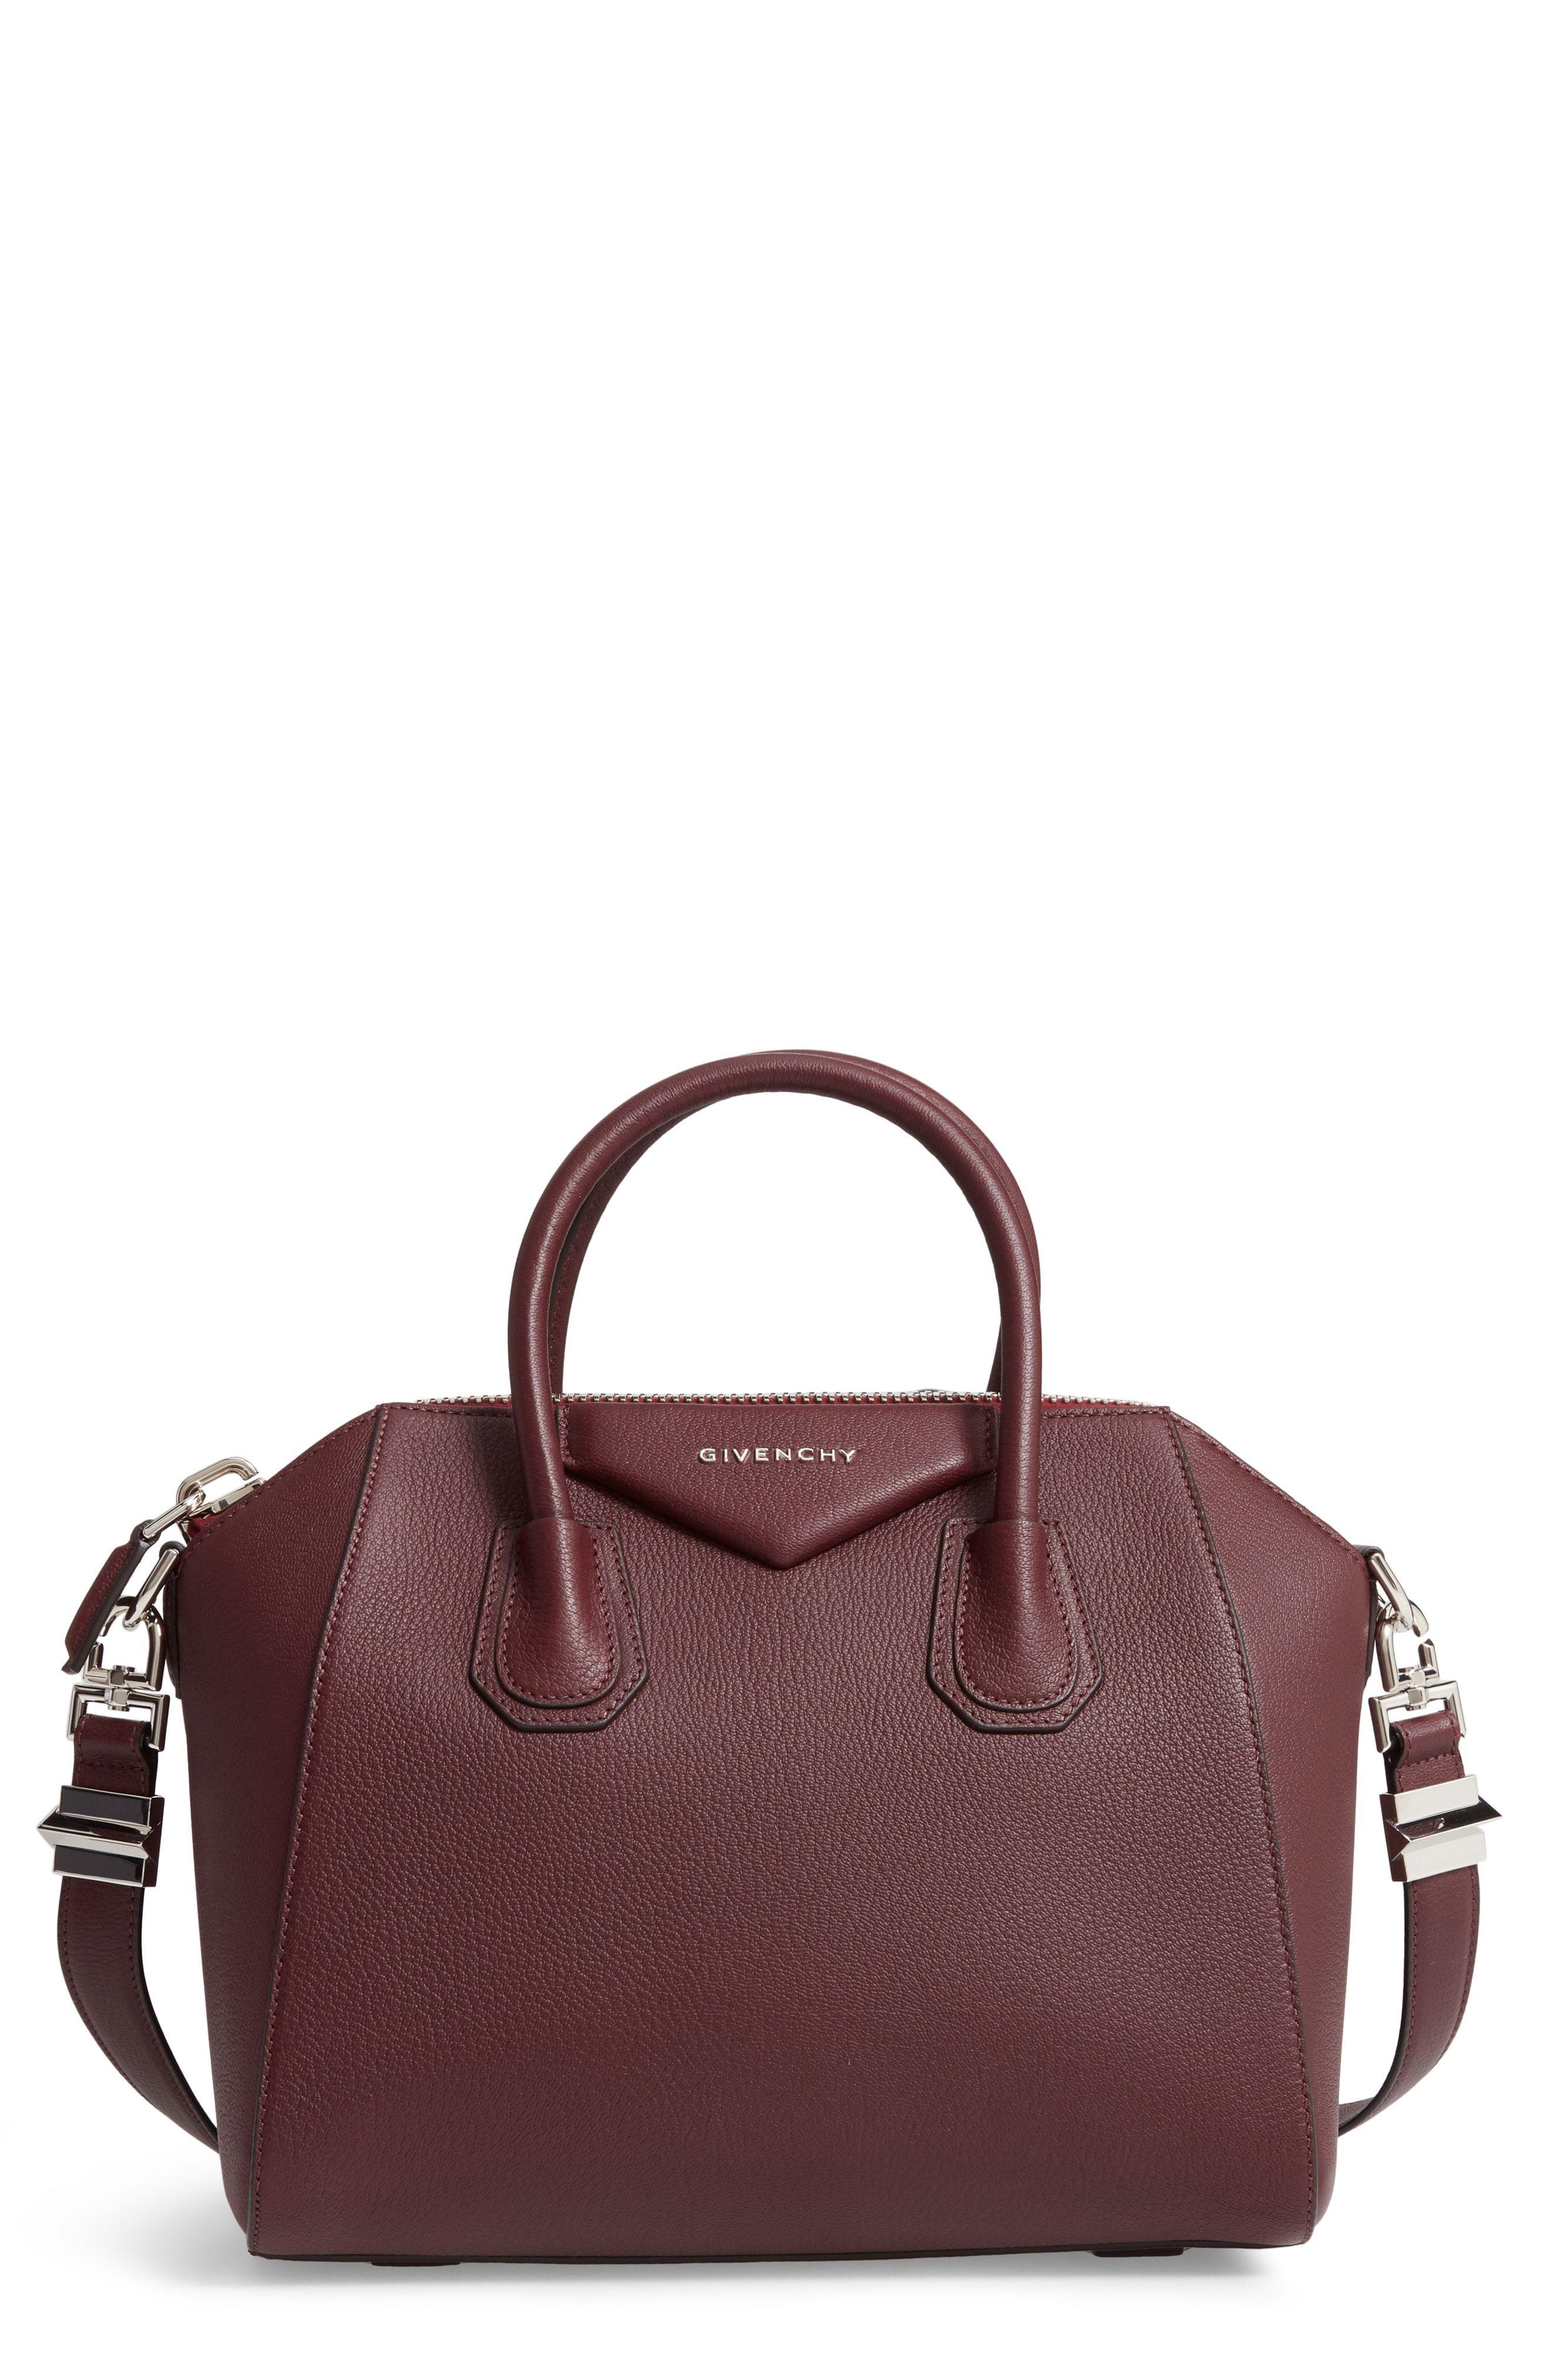 Givenchy 'Small Antigona' Leather